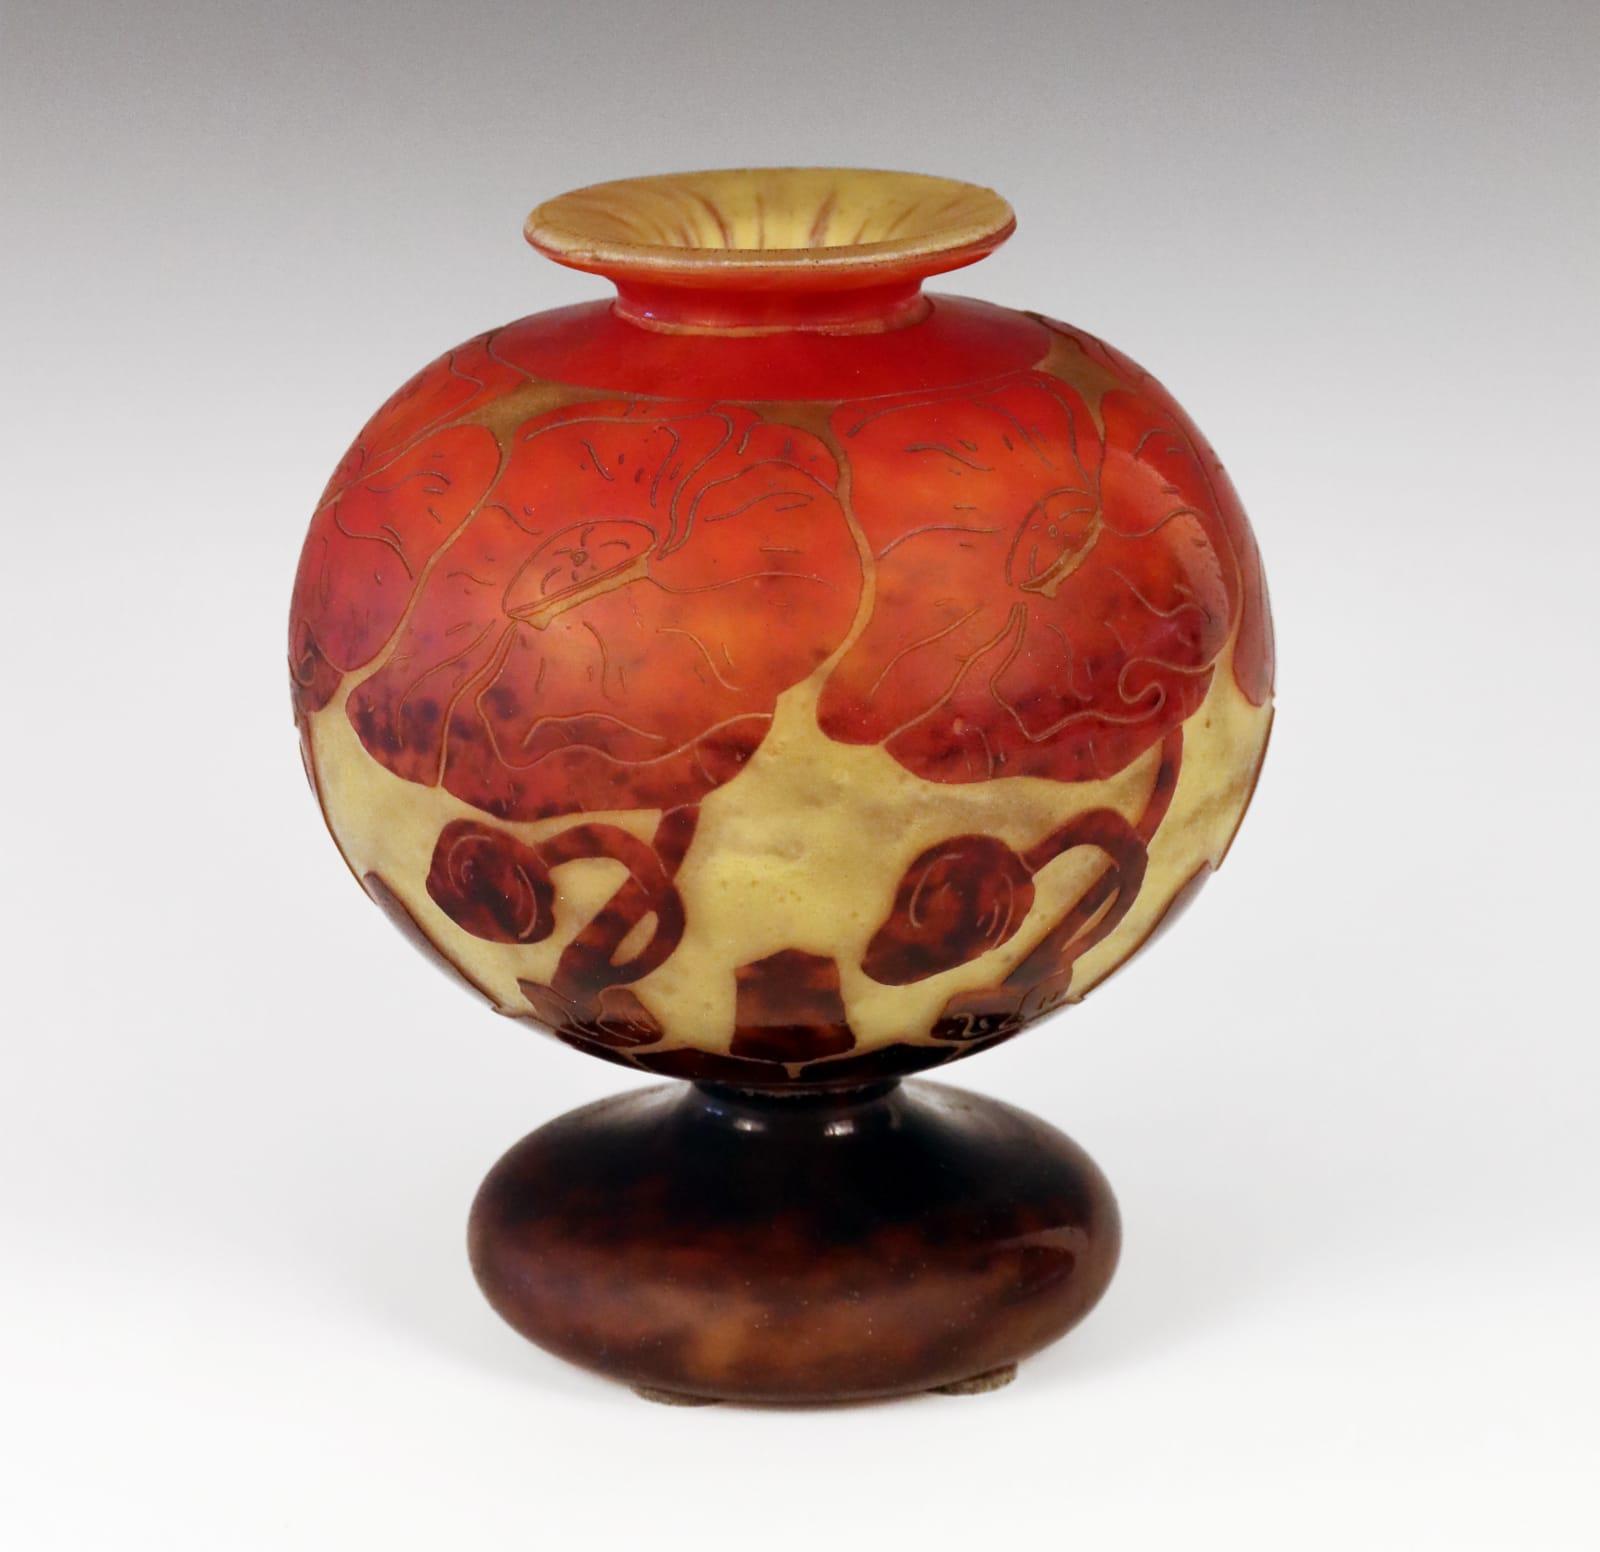 Le verre Francais Art Deco glass vase France, 1925